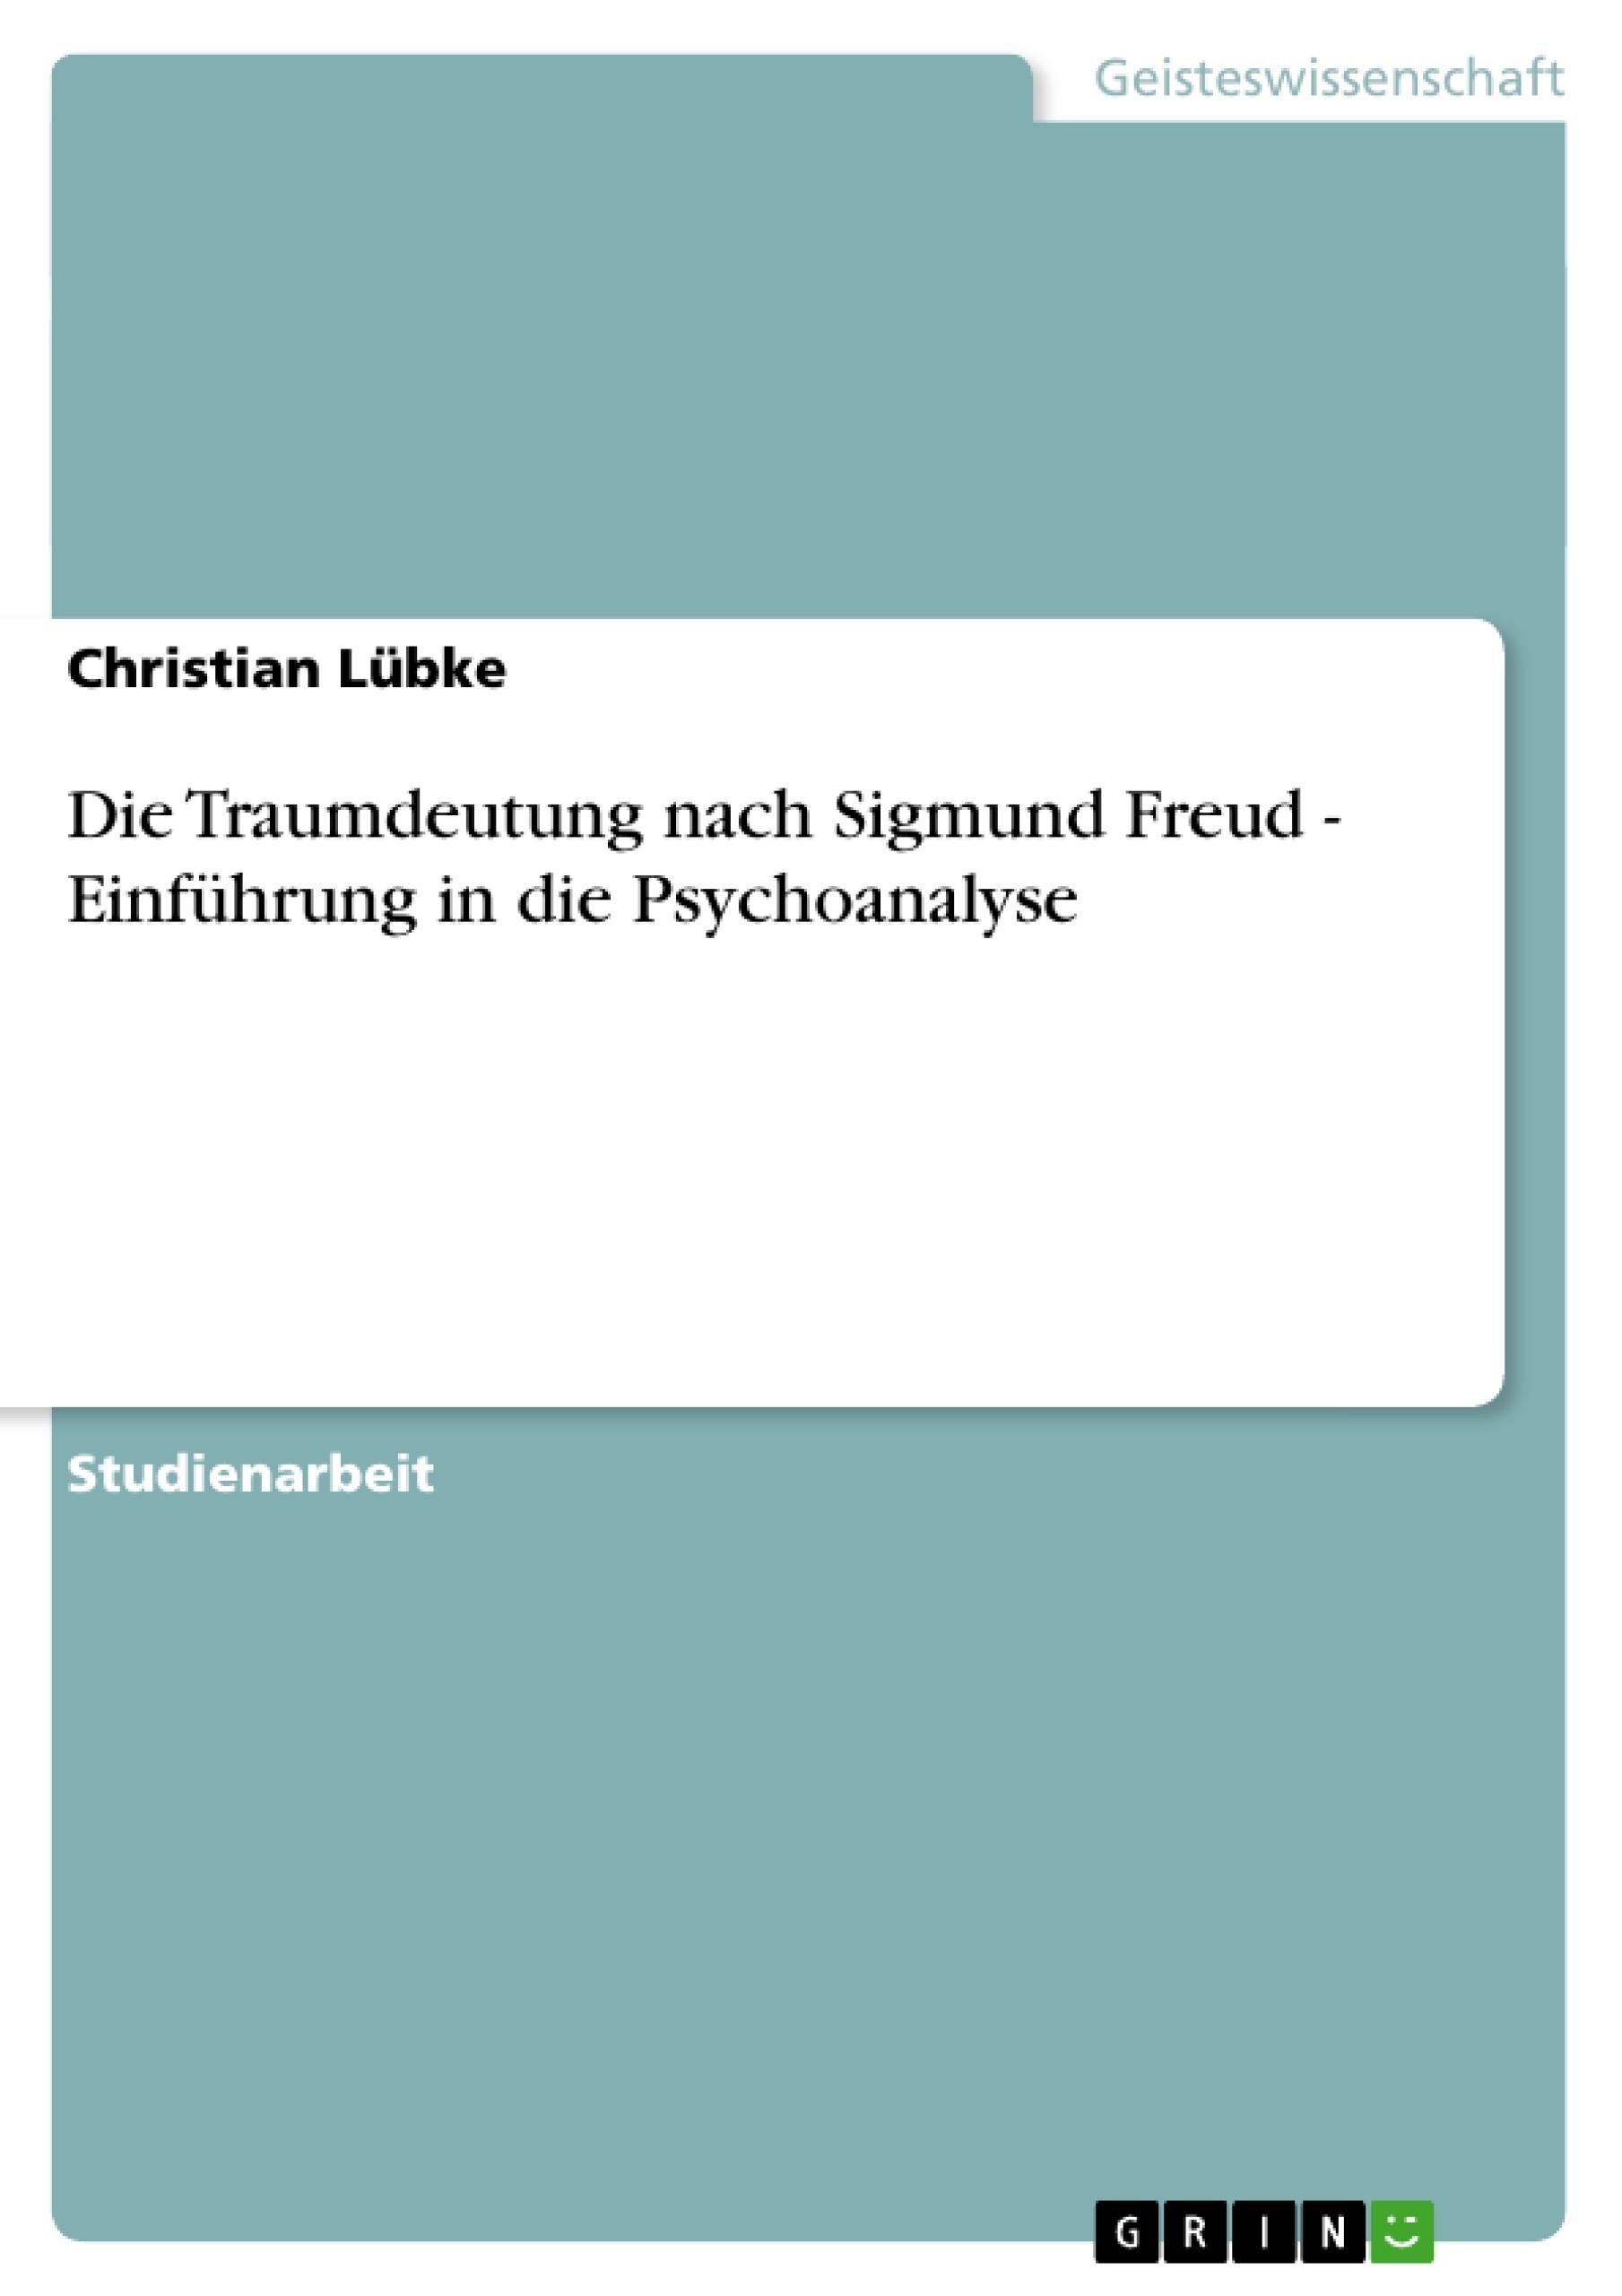 Titel: Die Traumdeutung nach Sigmund Freud - Einführung in die Psychoanalyse